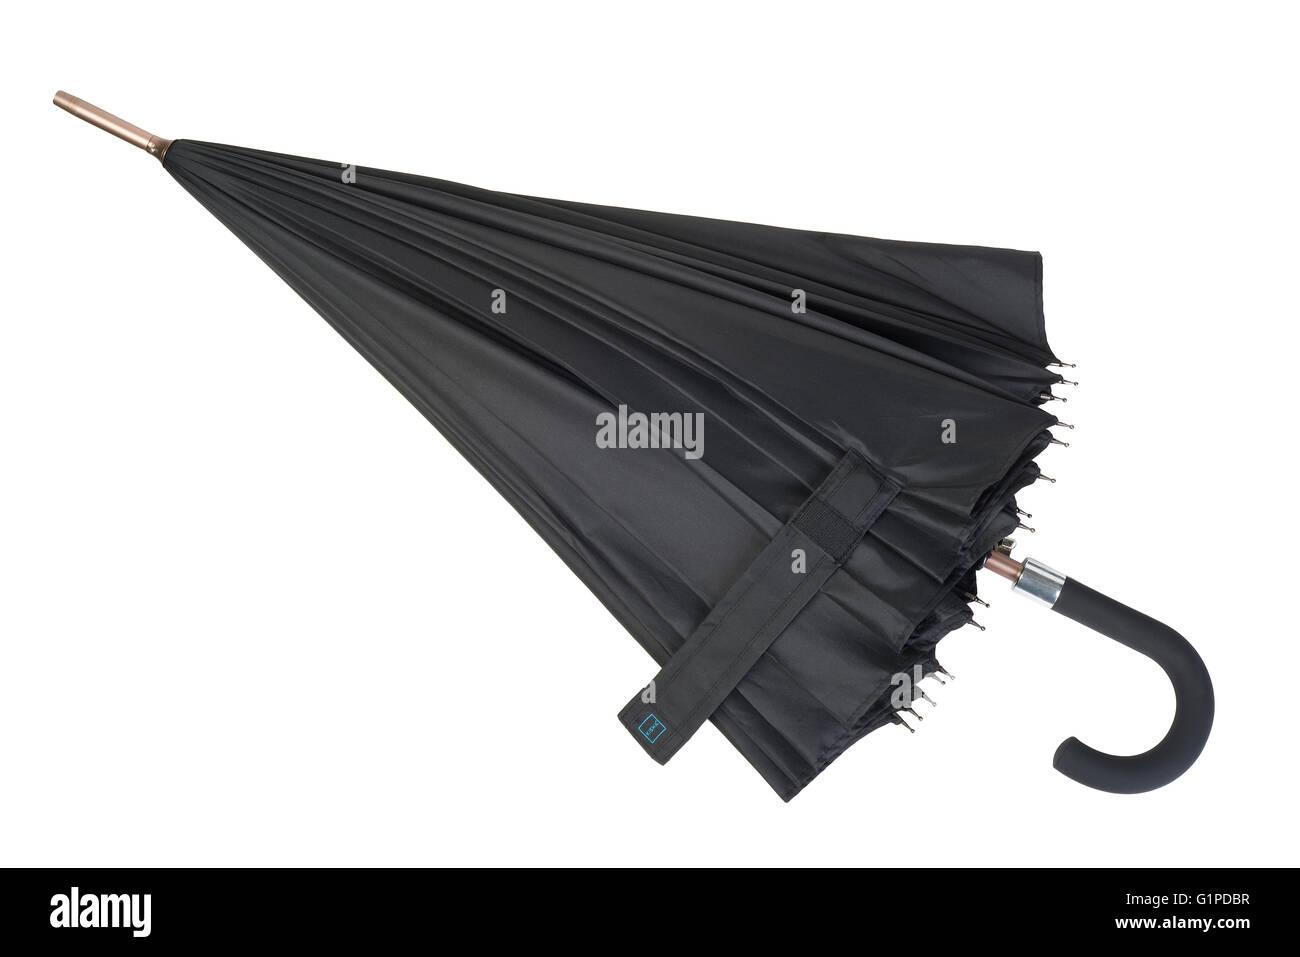 Bluetooth-Regenschirm. Nie mit Losse Ihren Regenschirm wieder über das Smartphone oder Tablet Ihre mobile app Stockbild